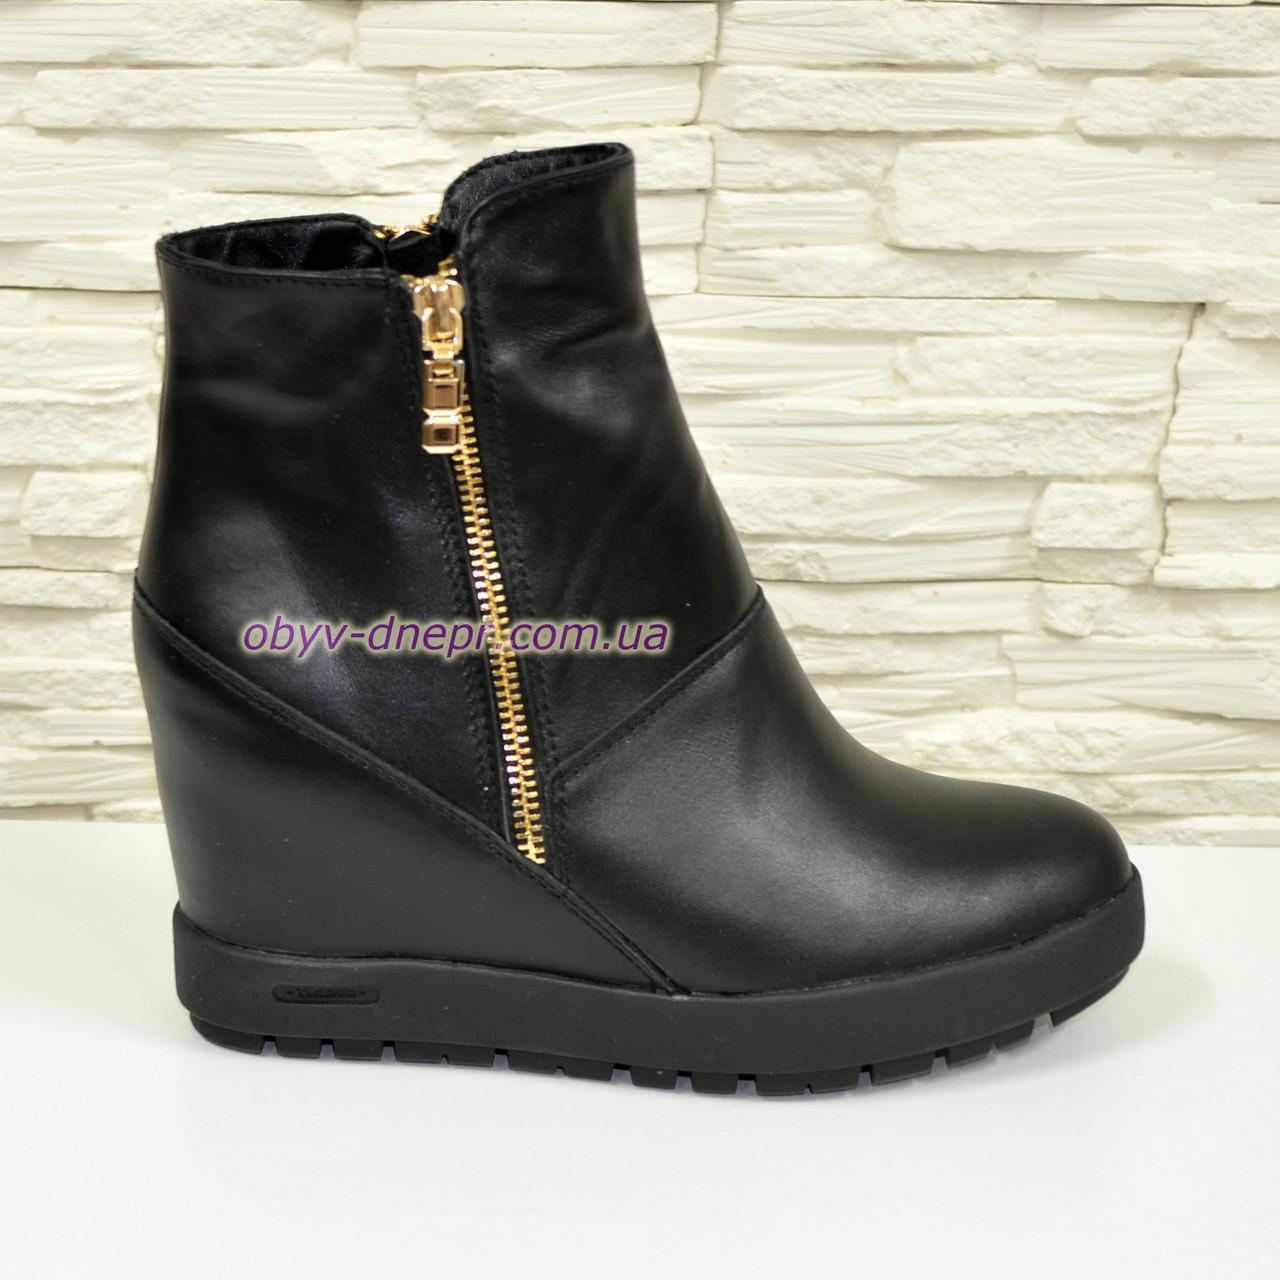 207a2f88c Черные кожаные женские ботинки демисезонные на танкетке на молнии ...